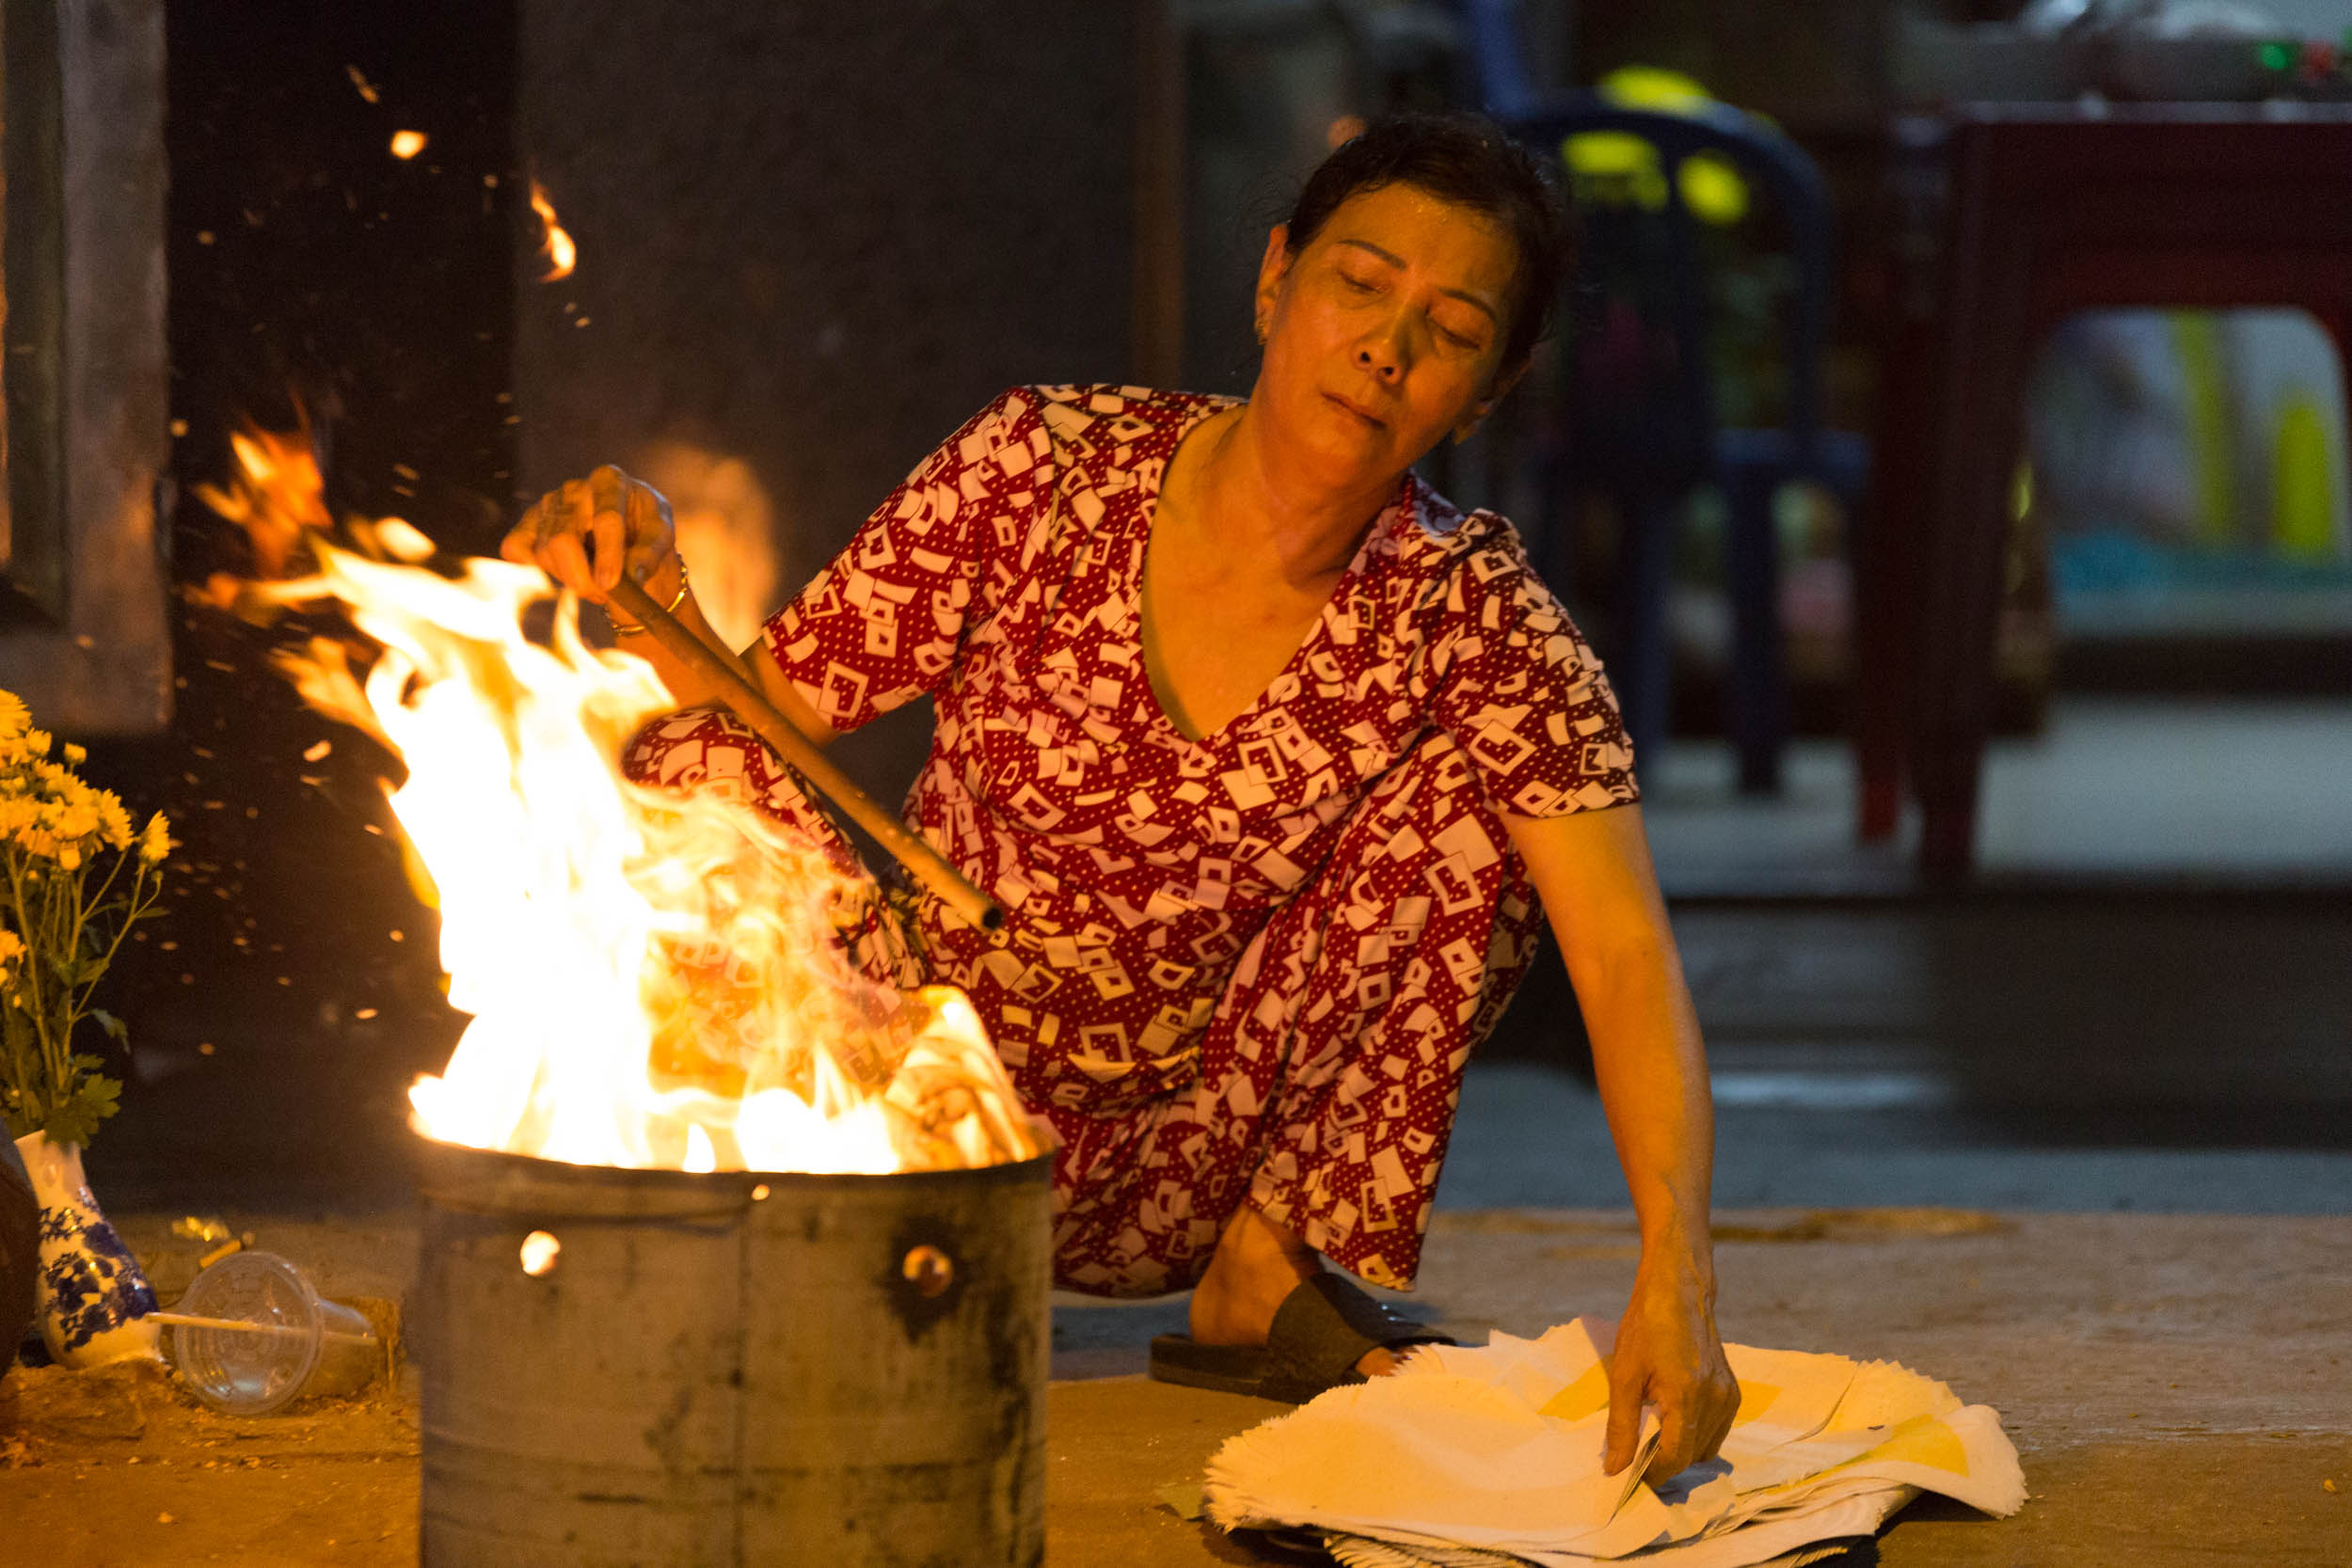 Vietnamese Woman - Burning Spirits